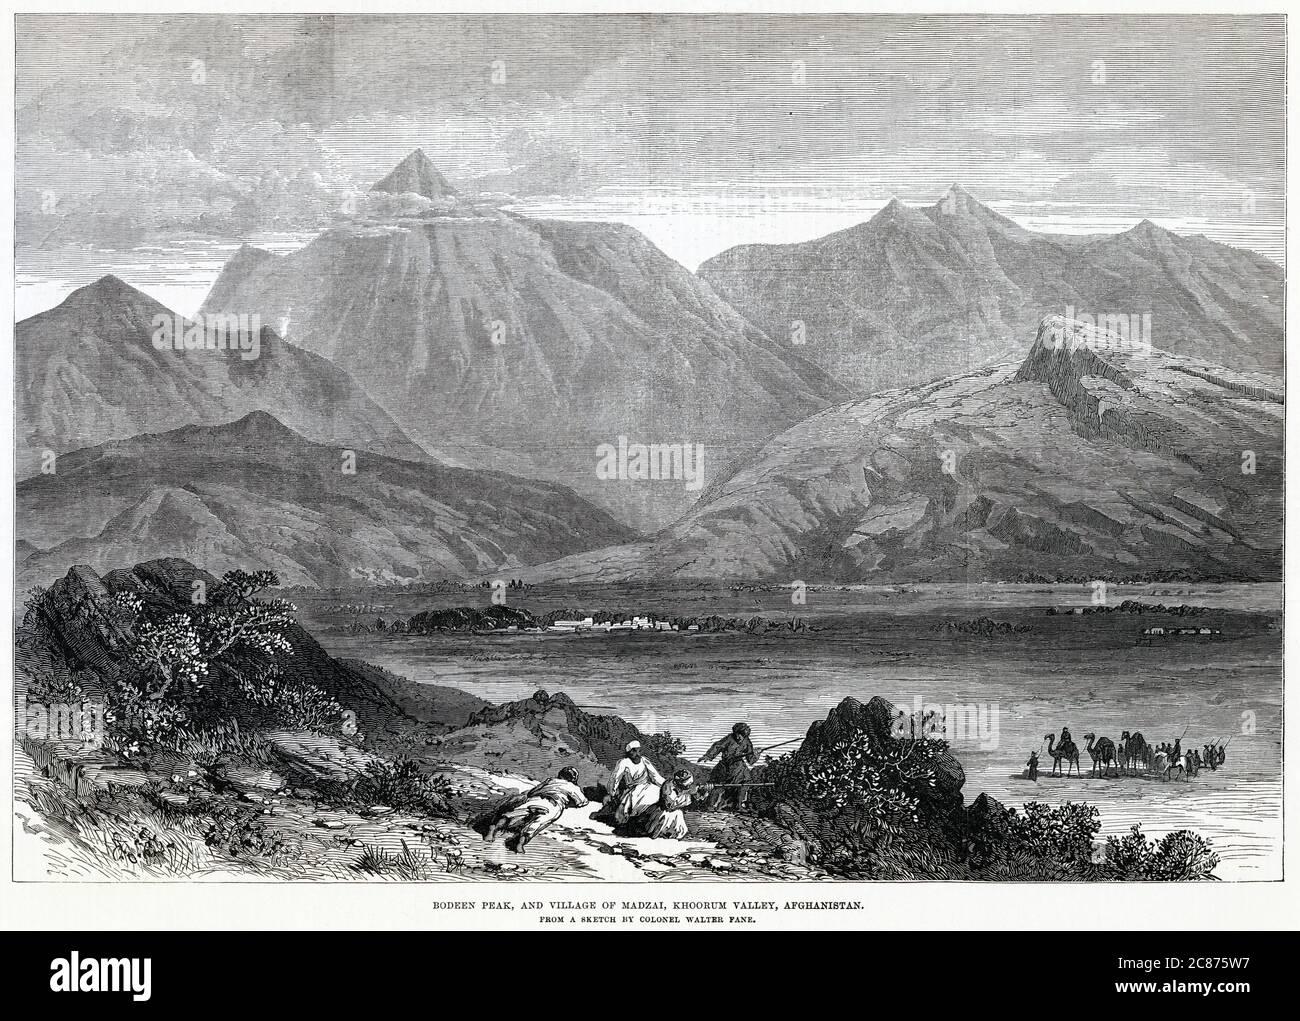 Bodeen Peak et le village de Madzai, dans la vallée du Kurram. Date: 1878 Banque D'Images